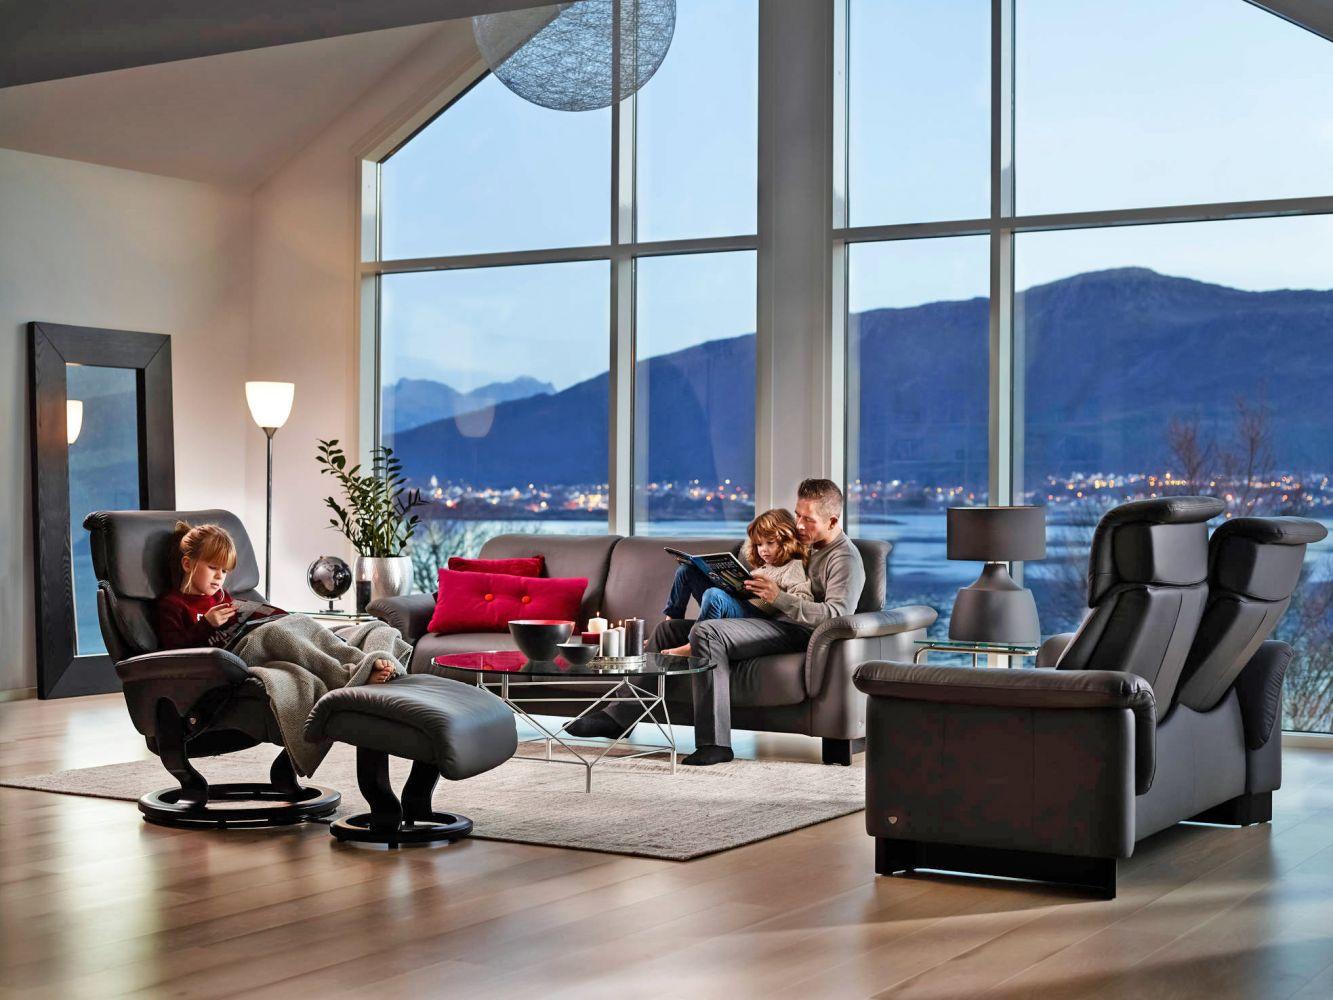 stressless ekornes fabricant de fauteuils et canap s norv giens marseille meuble et. Black Bedroom Furniture Sets. Home Design Ideas